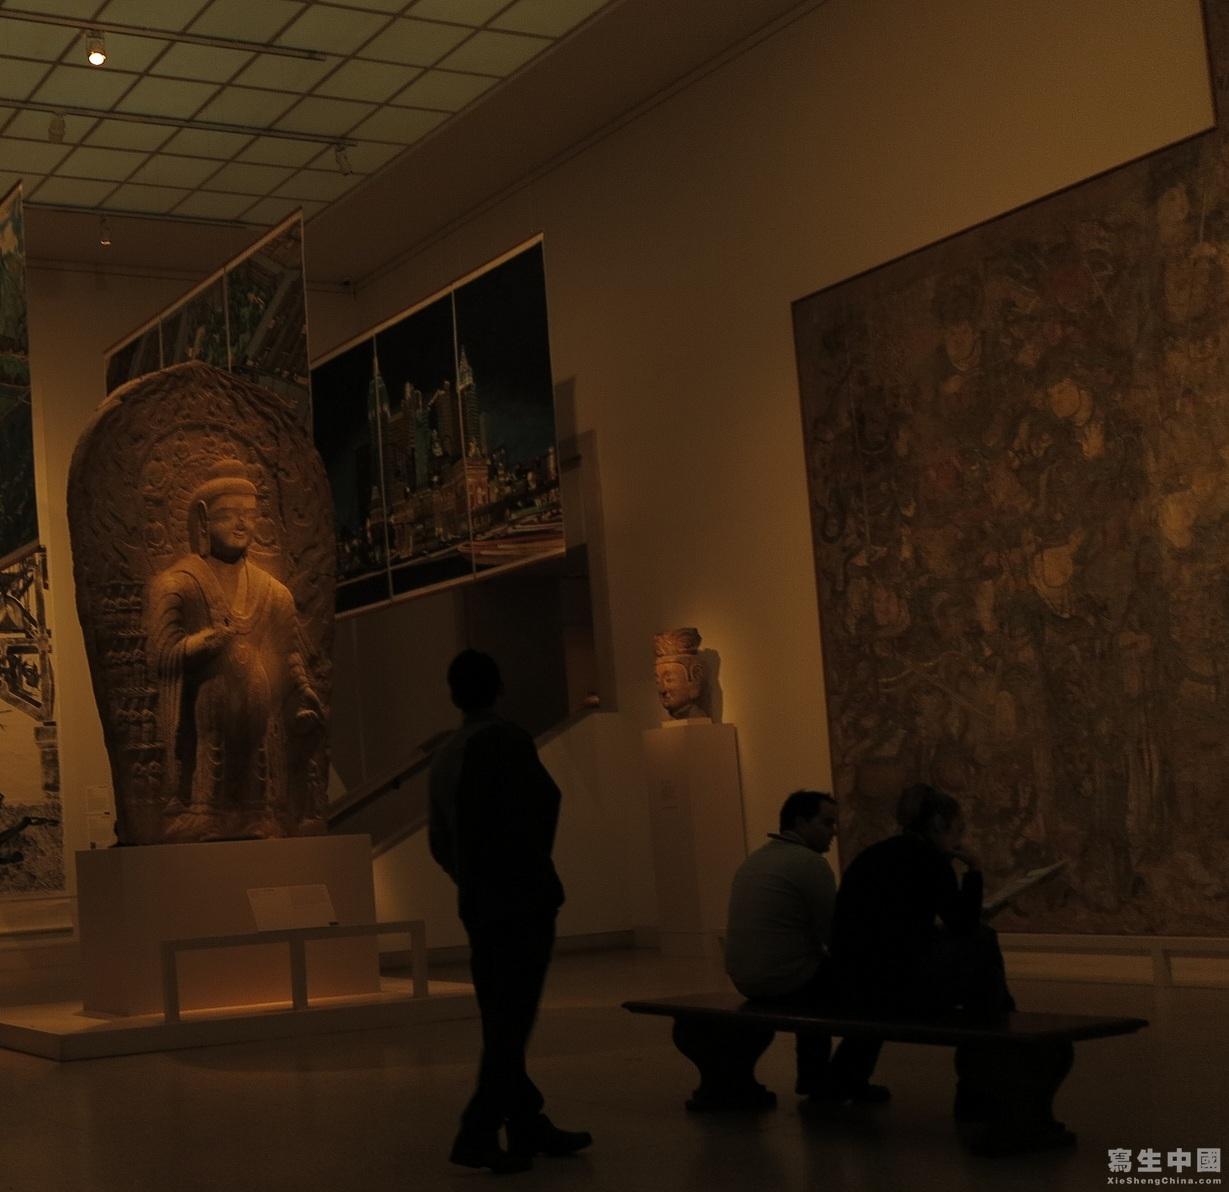 看了这些东西,的感想是,搞中国美术史的人,光呆在国内可能局限了眼光,很多好东西都在国外。 绘画上,搞中国美术史的在文人画上下的功夫很大,但是非文人的艺术叙述上单薄。 纸和绢上的中国绘画见到一些,材料所限,留存下来很少,特别是宋以前,即使留下来也非常昏暗了。 但是,看到希腊和希腊化时期,画在木板上用热蜂蜡掺颜料画的死者生前像却如新一般,另外就是马赛克也是颜色保留得很好。 另外就是,中国建筑砖木结构,比起西方石头结构存留下来的少,很多古建是坍塌、焚毁后复建的,真正能从宋辽坚持下来凤毛麟角。 至于,写生对于中国